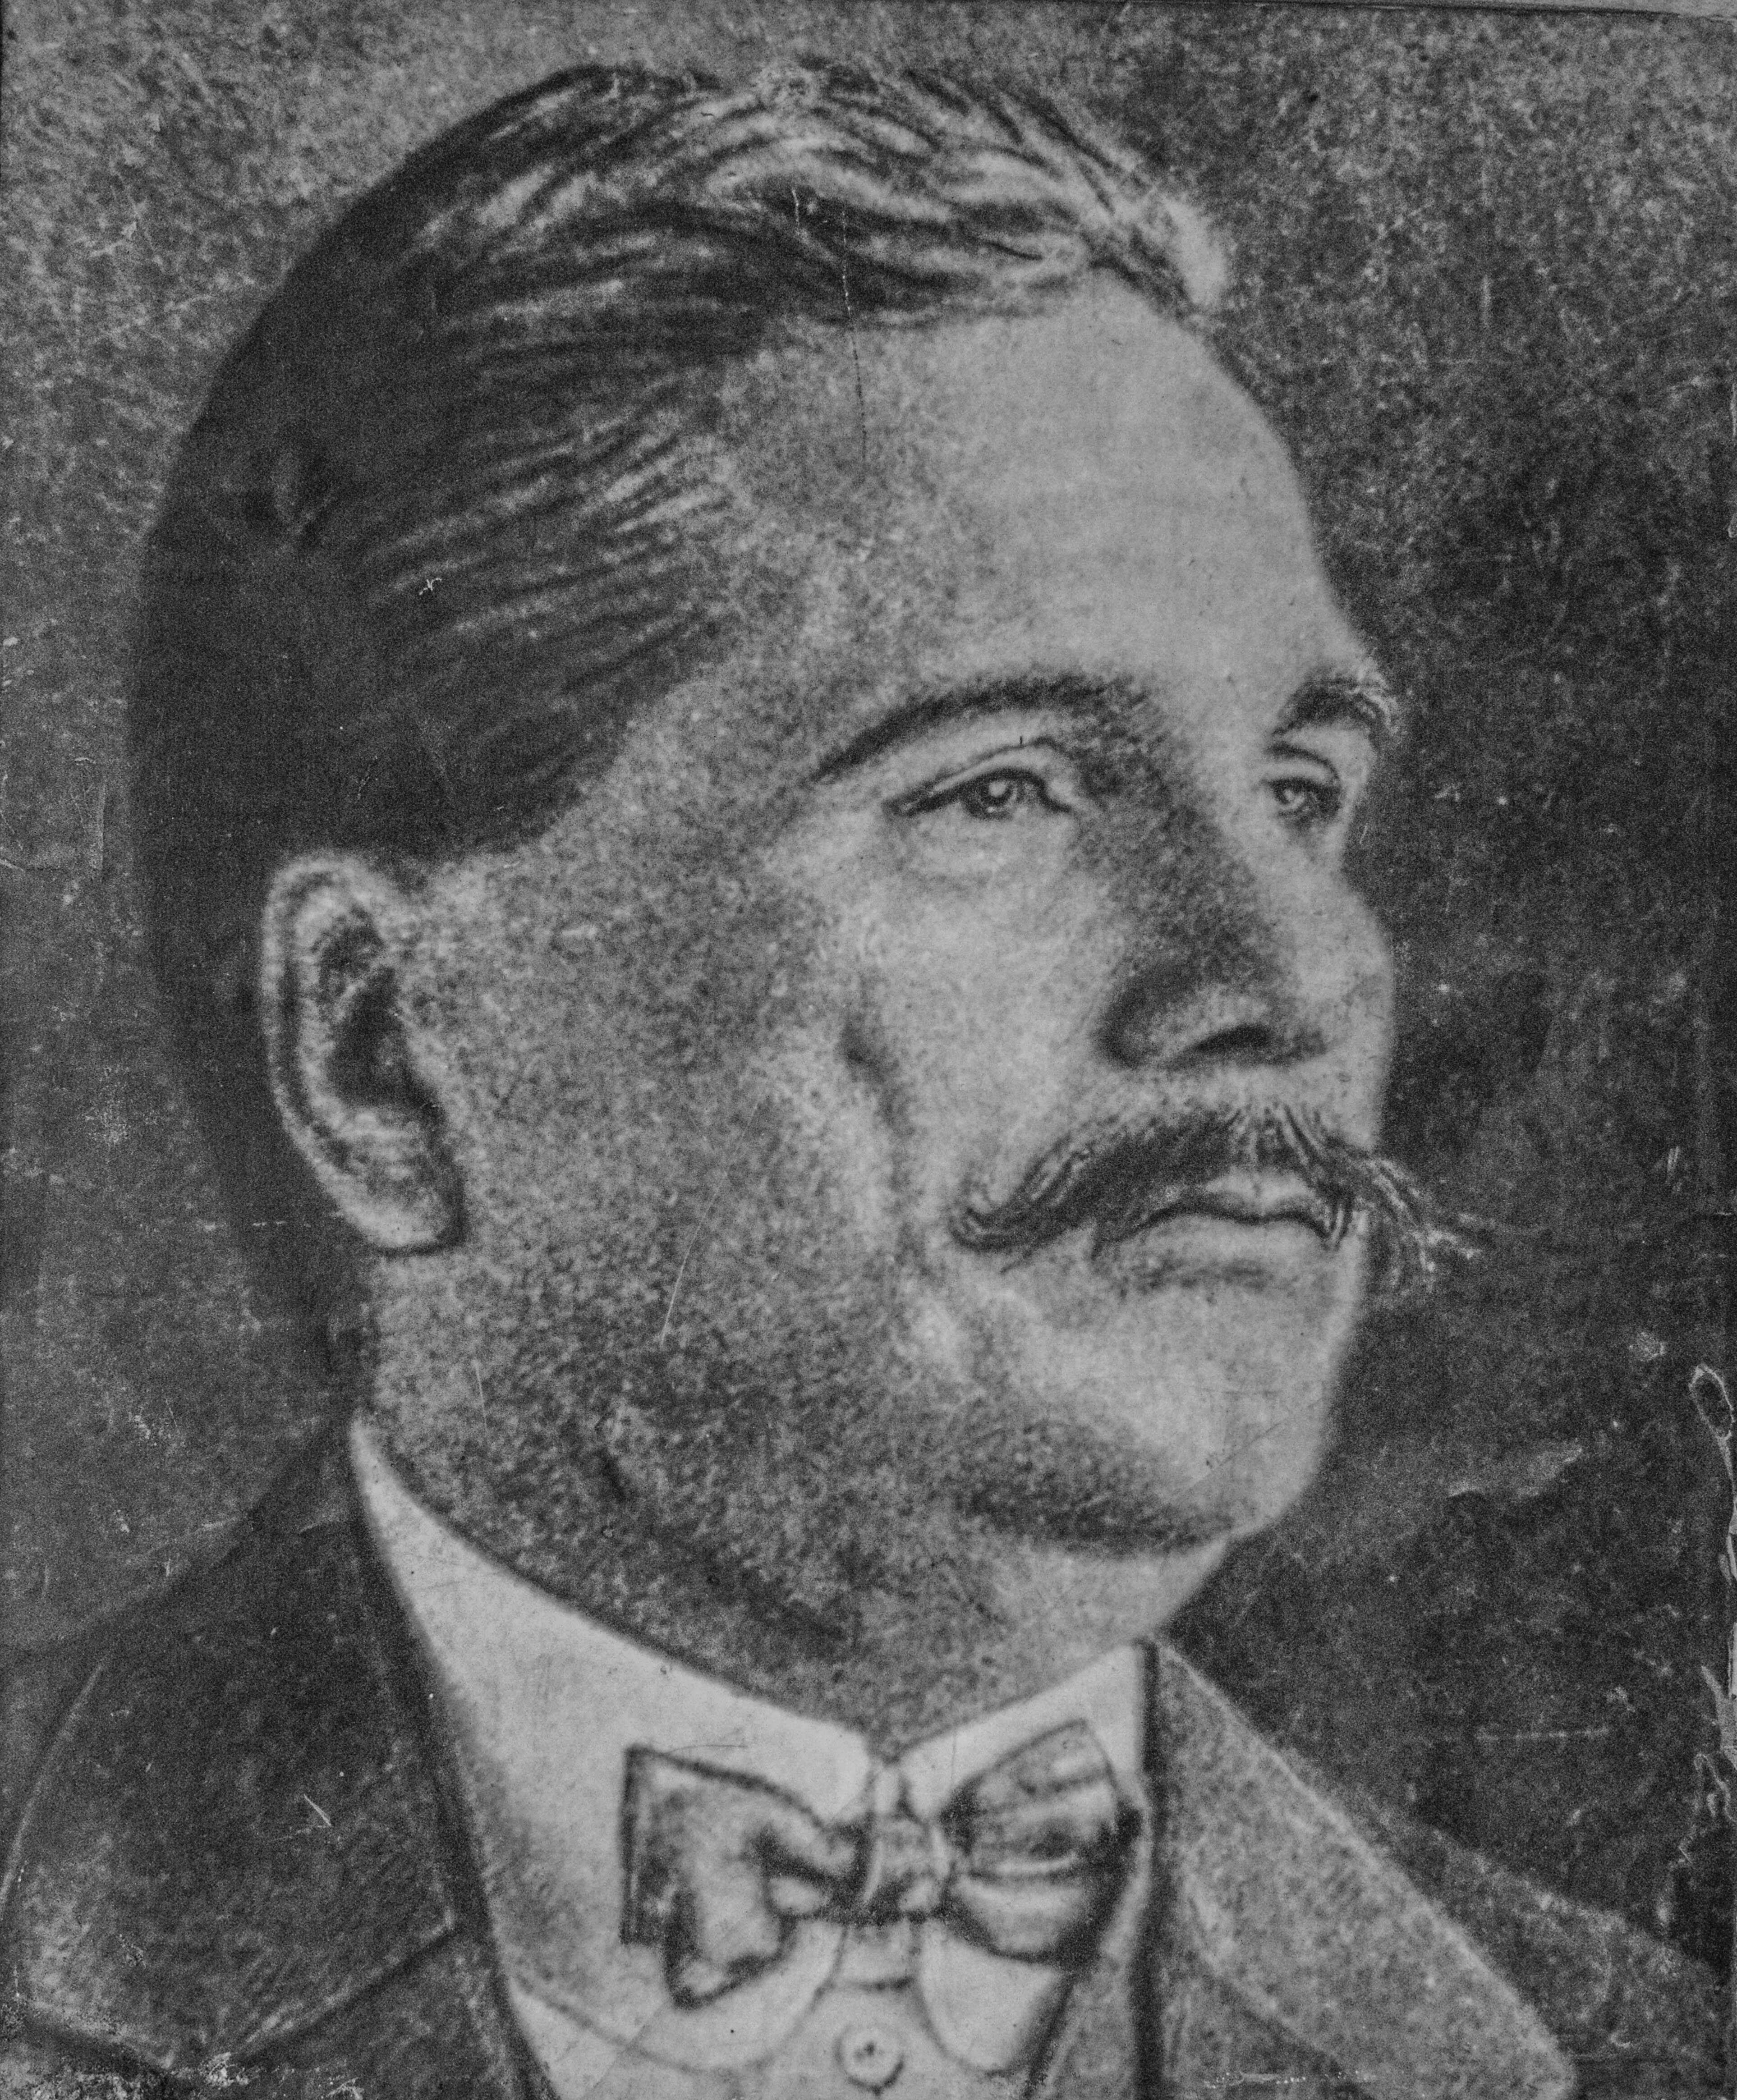 Poet Muhammad Iqbal